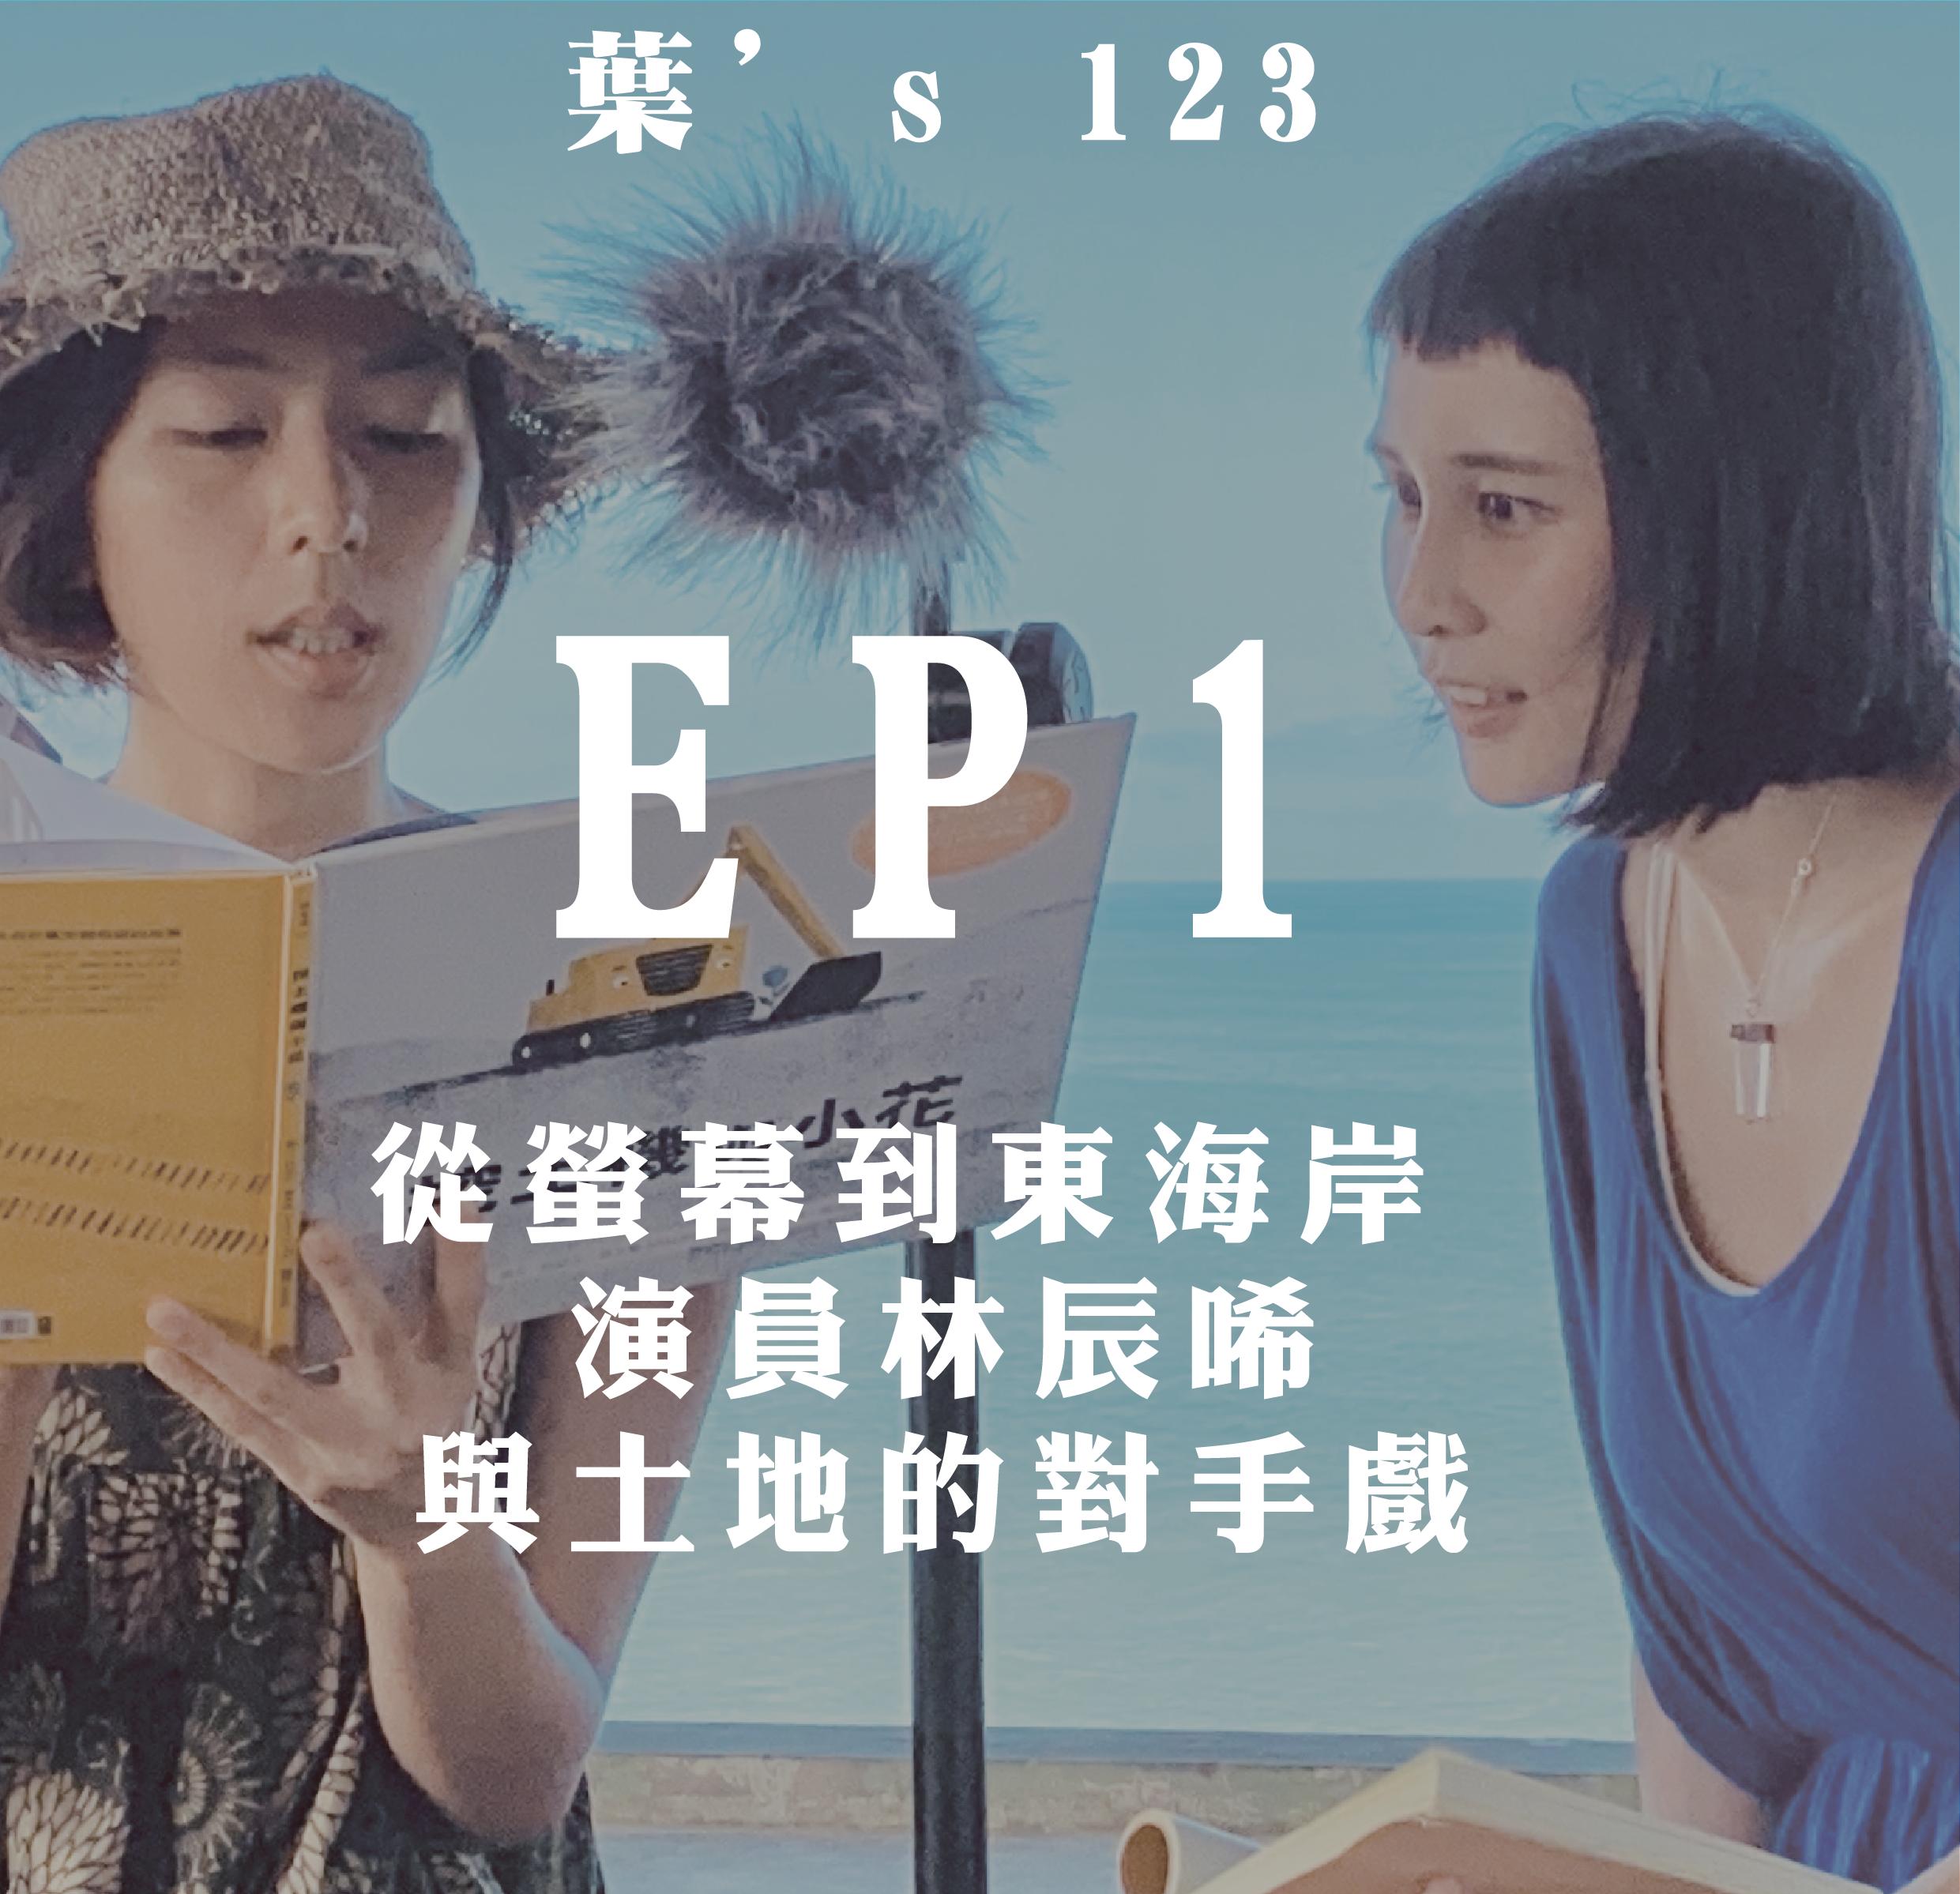 [葉's 123 ]EP01 (ft.林辰唏):從螢幕到東海岸,演員林辰唏與土地的對手戲